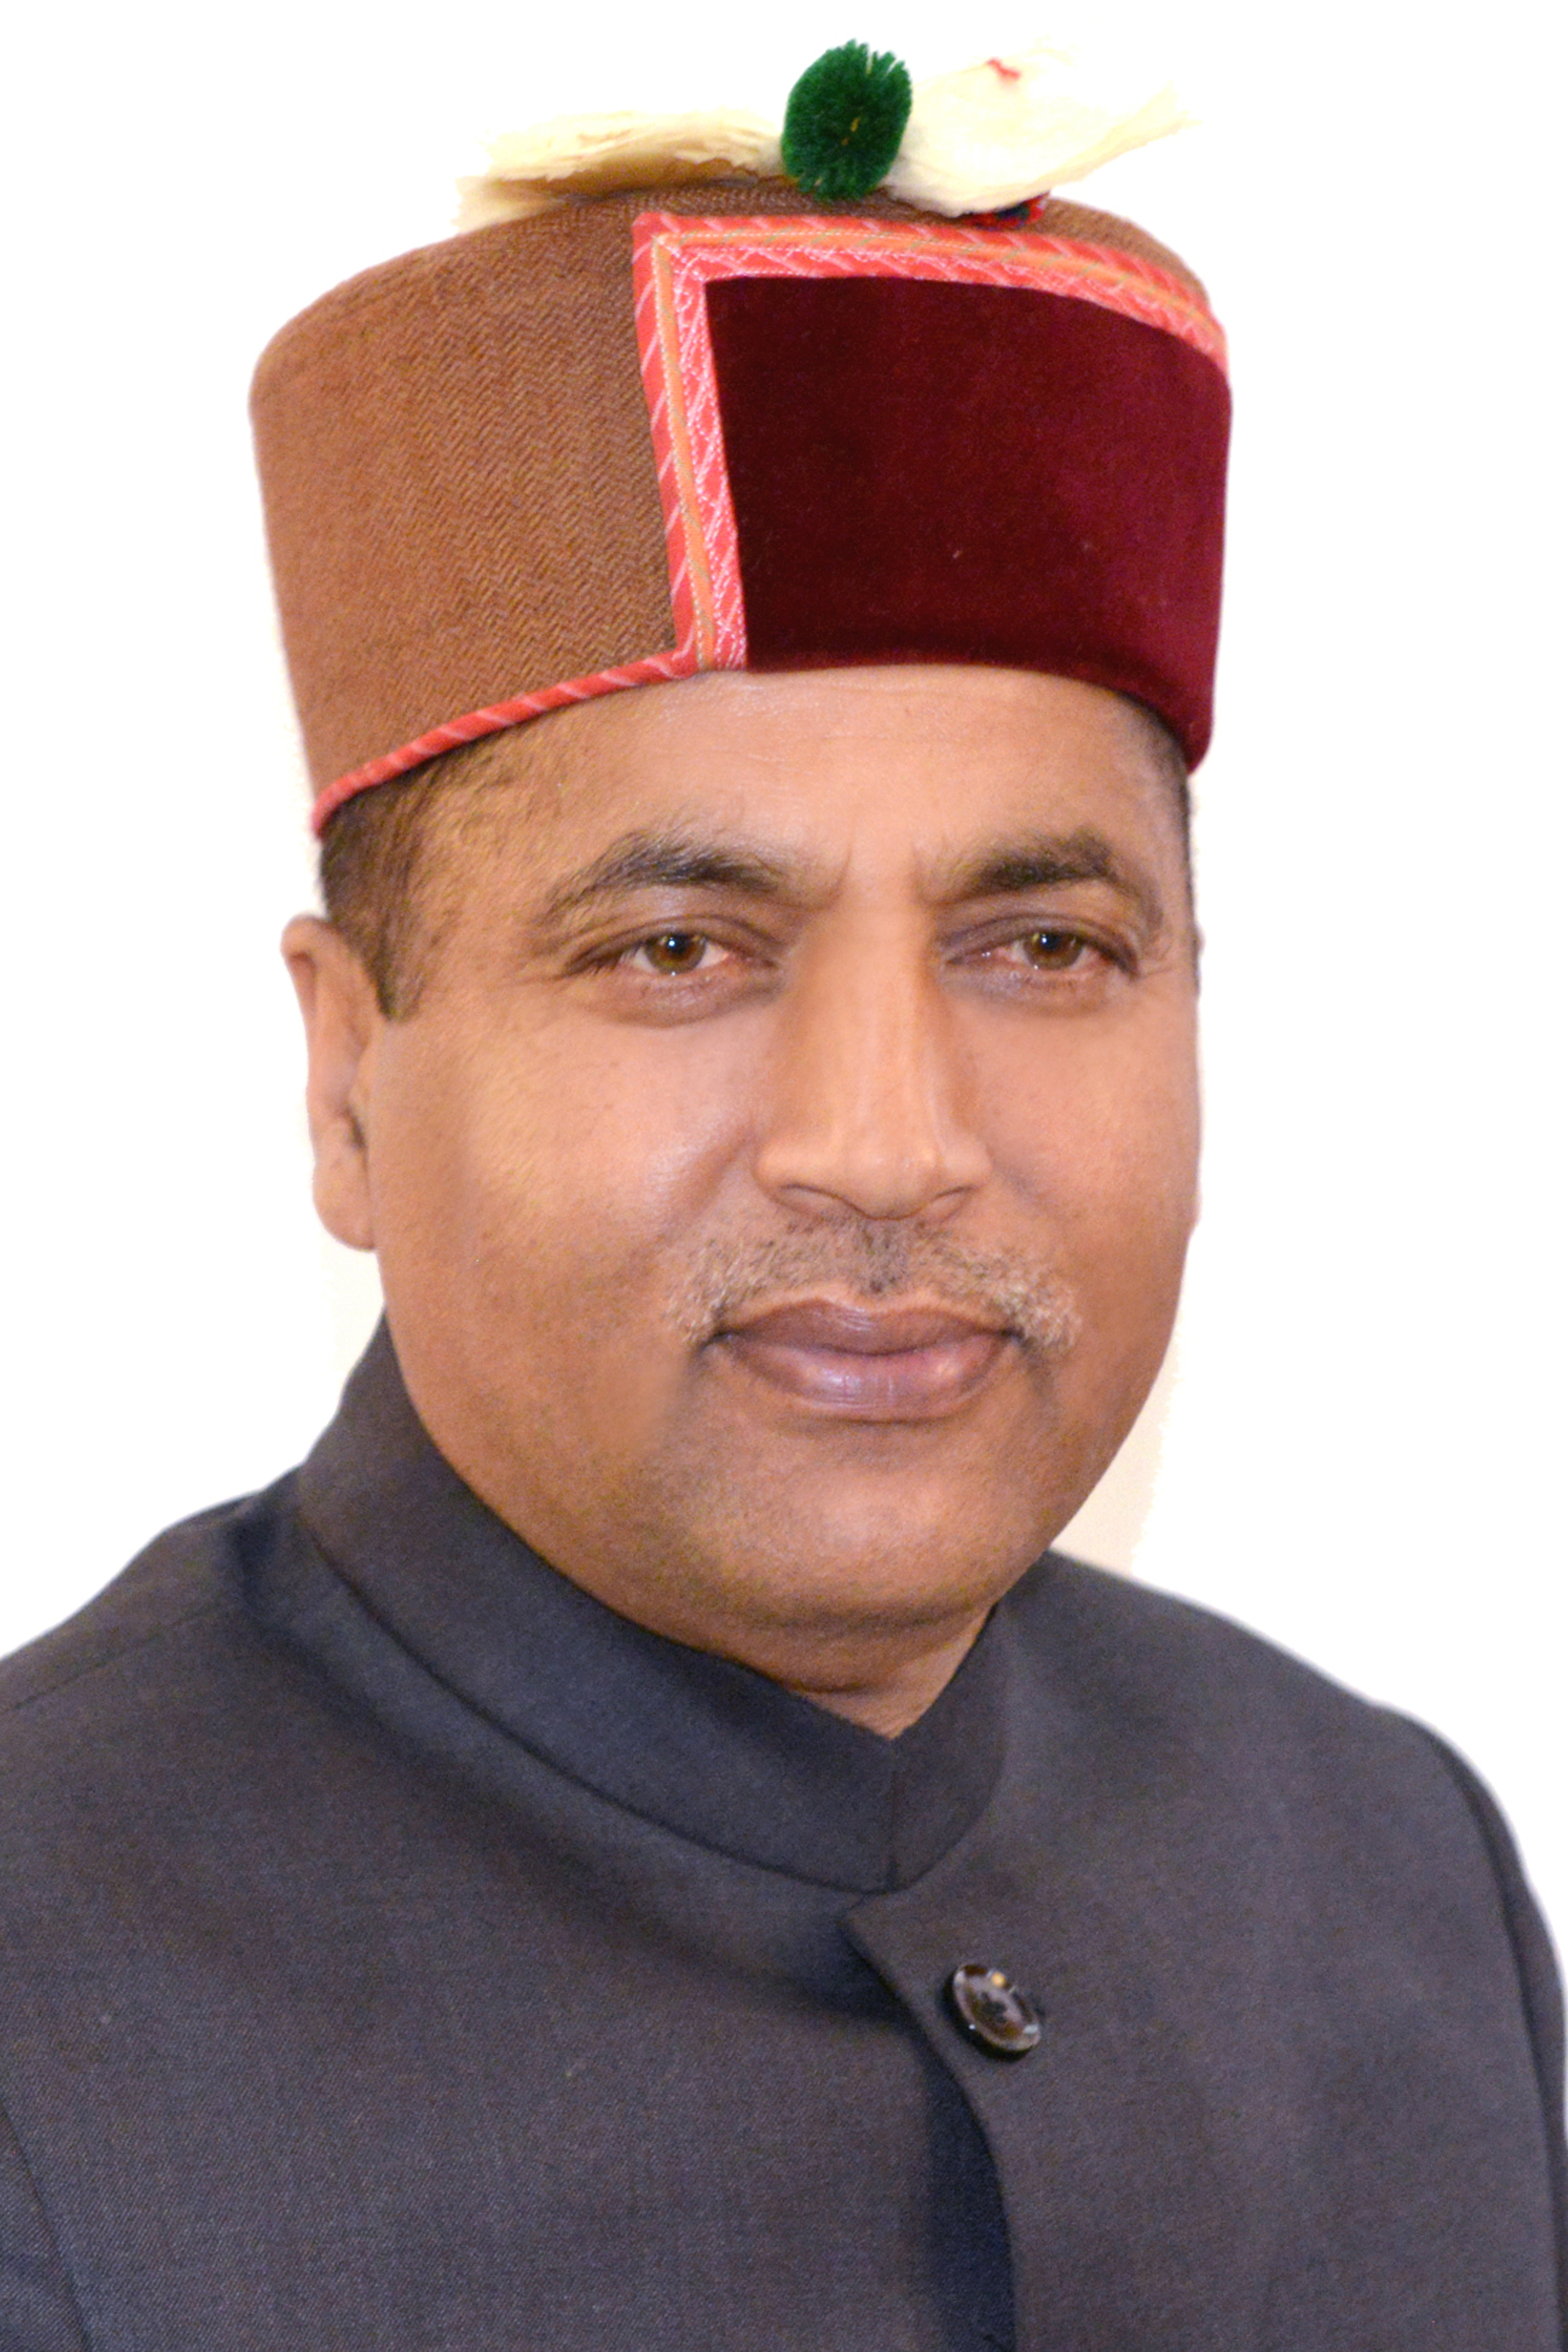 हिमाचल सरकार राज्य आपदा प्रतिक्रिया कोष धन का उपयोग लाॅकडाउन में फंसे लोगों के भोजन के लिए करेगी - जय राम ठाकुर